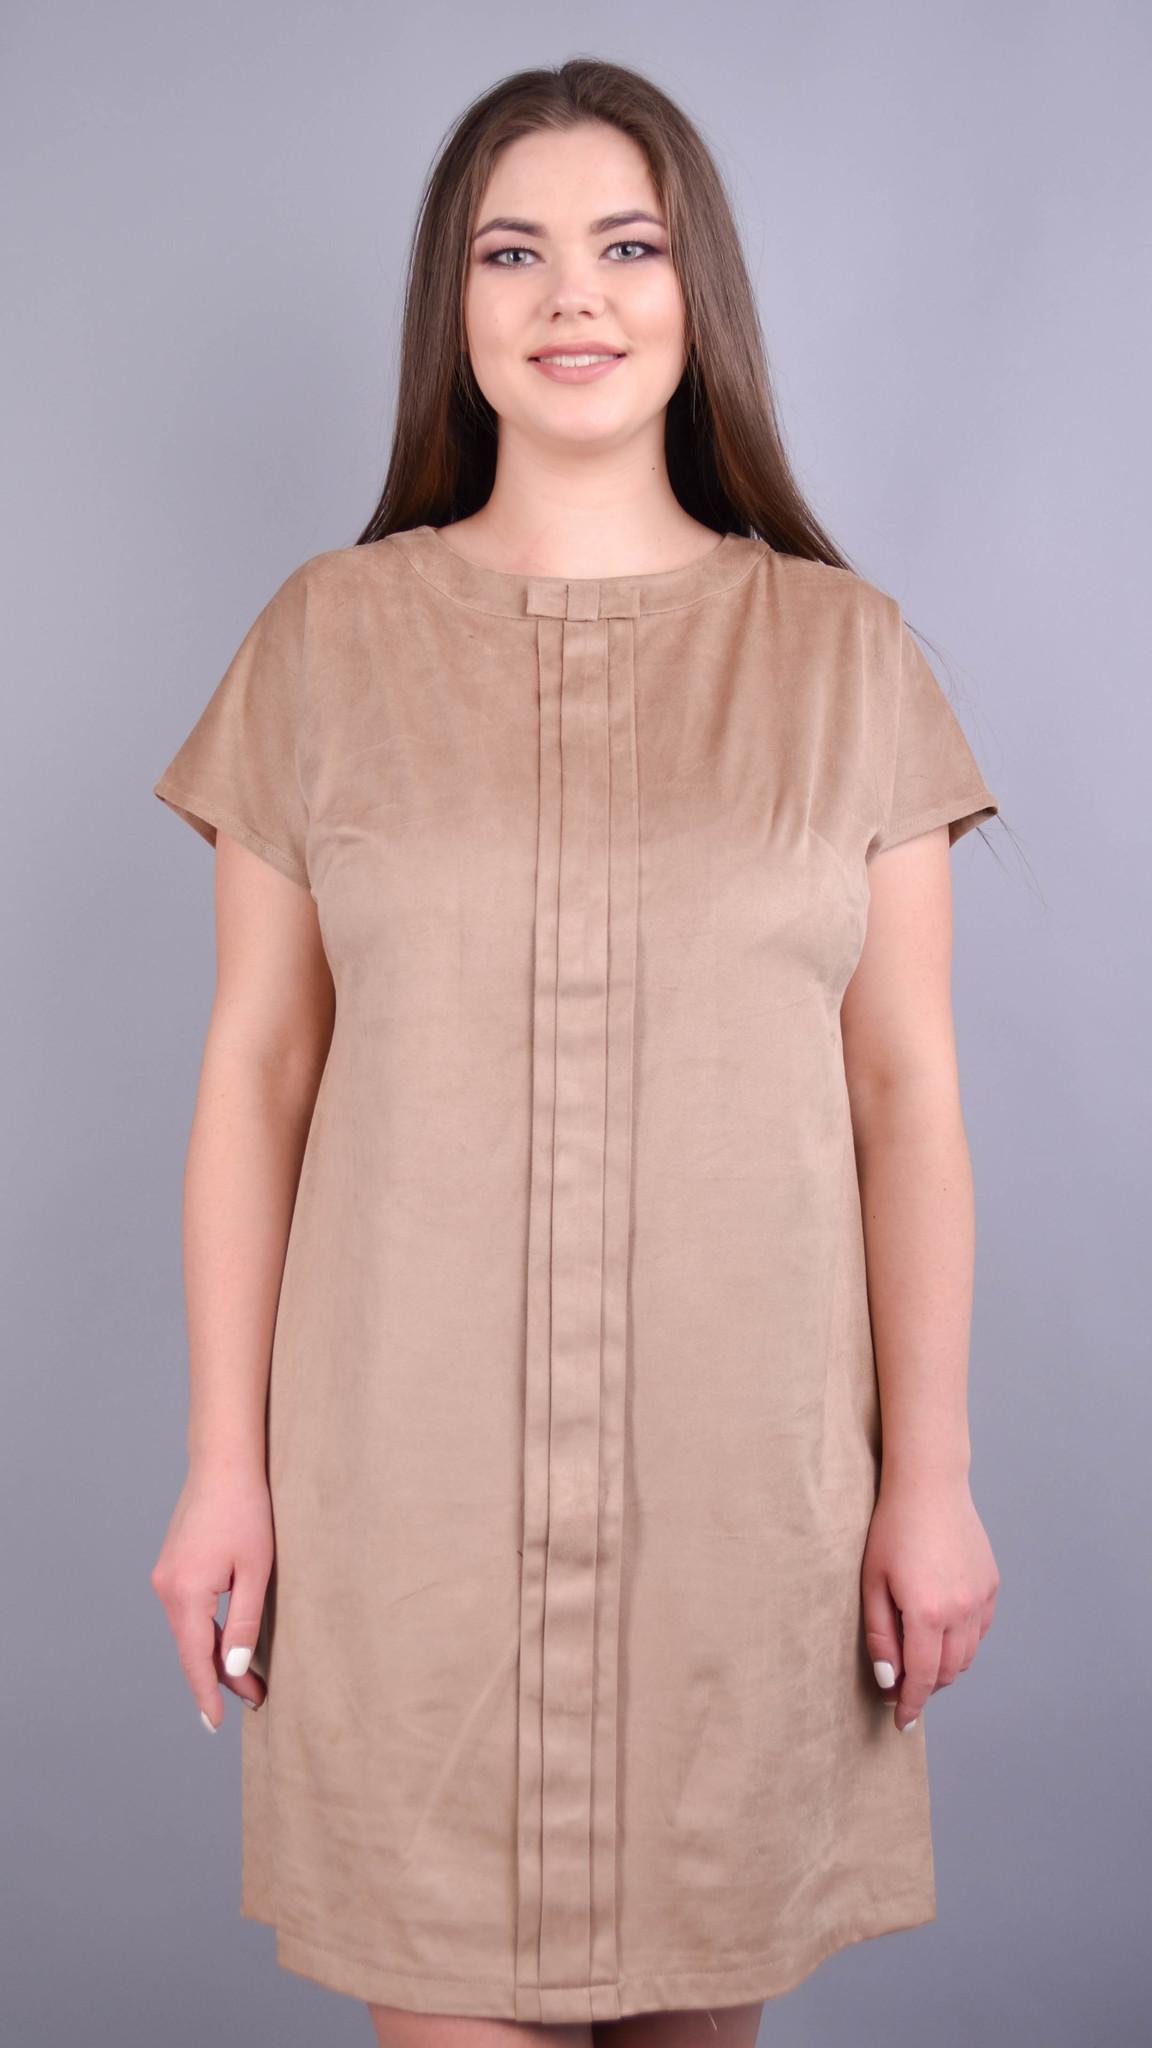 Варвара. Вишукана сукня для жінок плюс сайз. Беж.